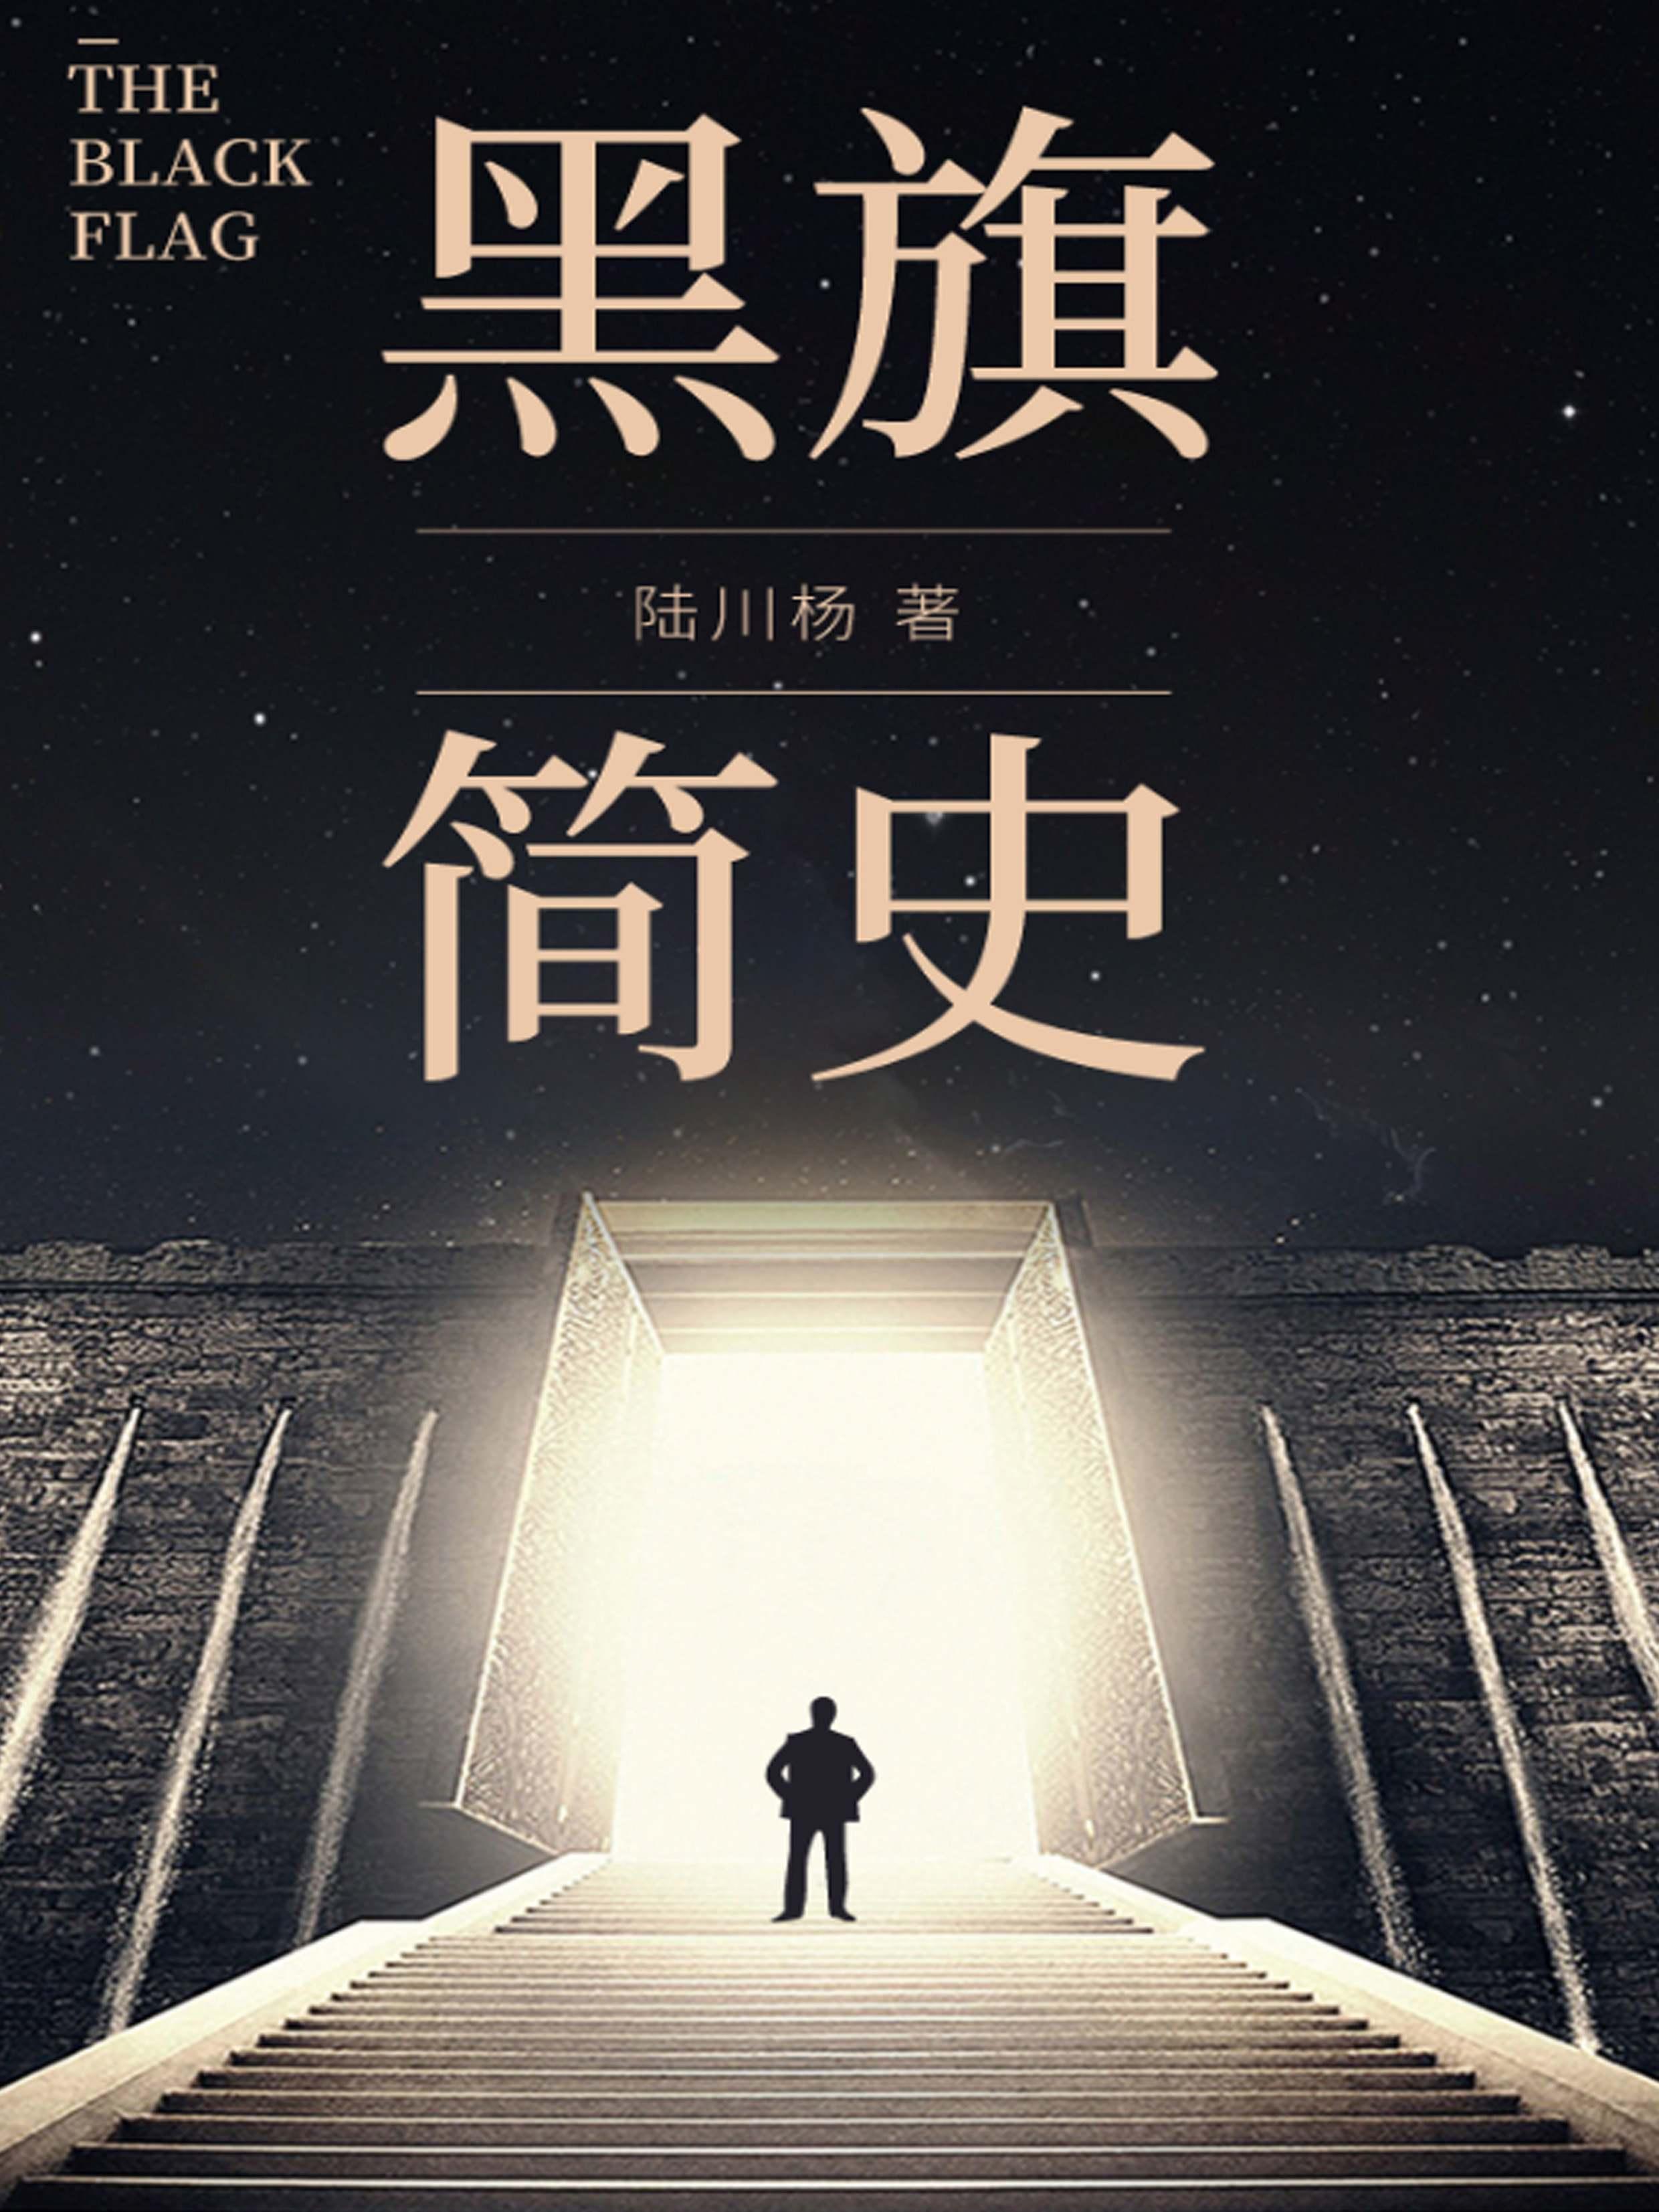 黑旗简史 陆川杨